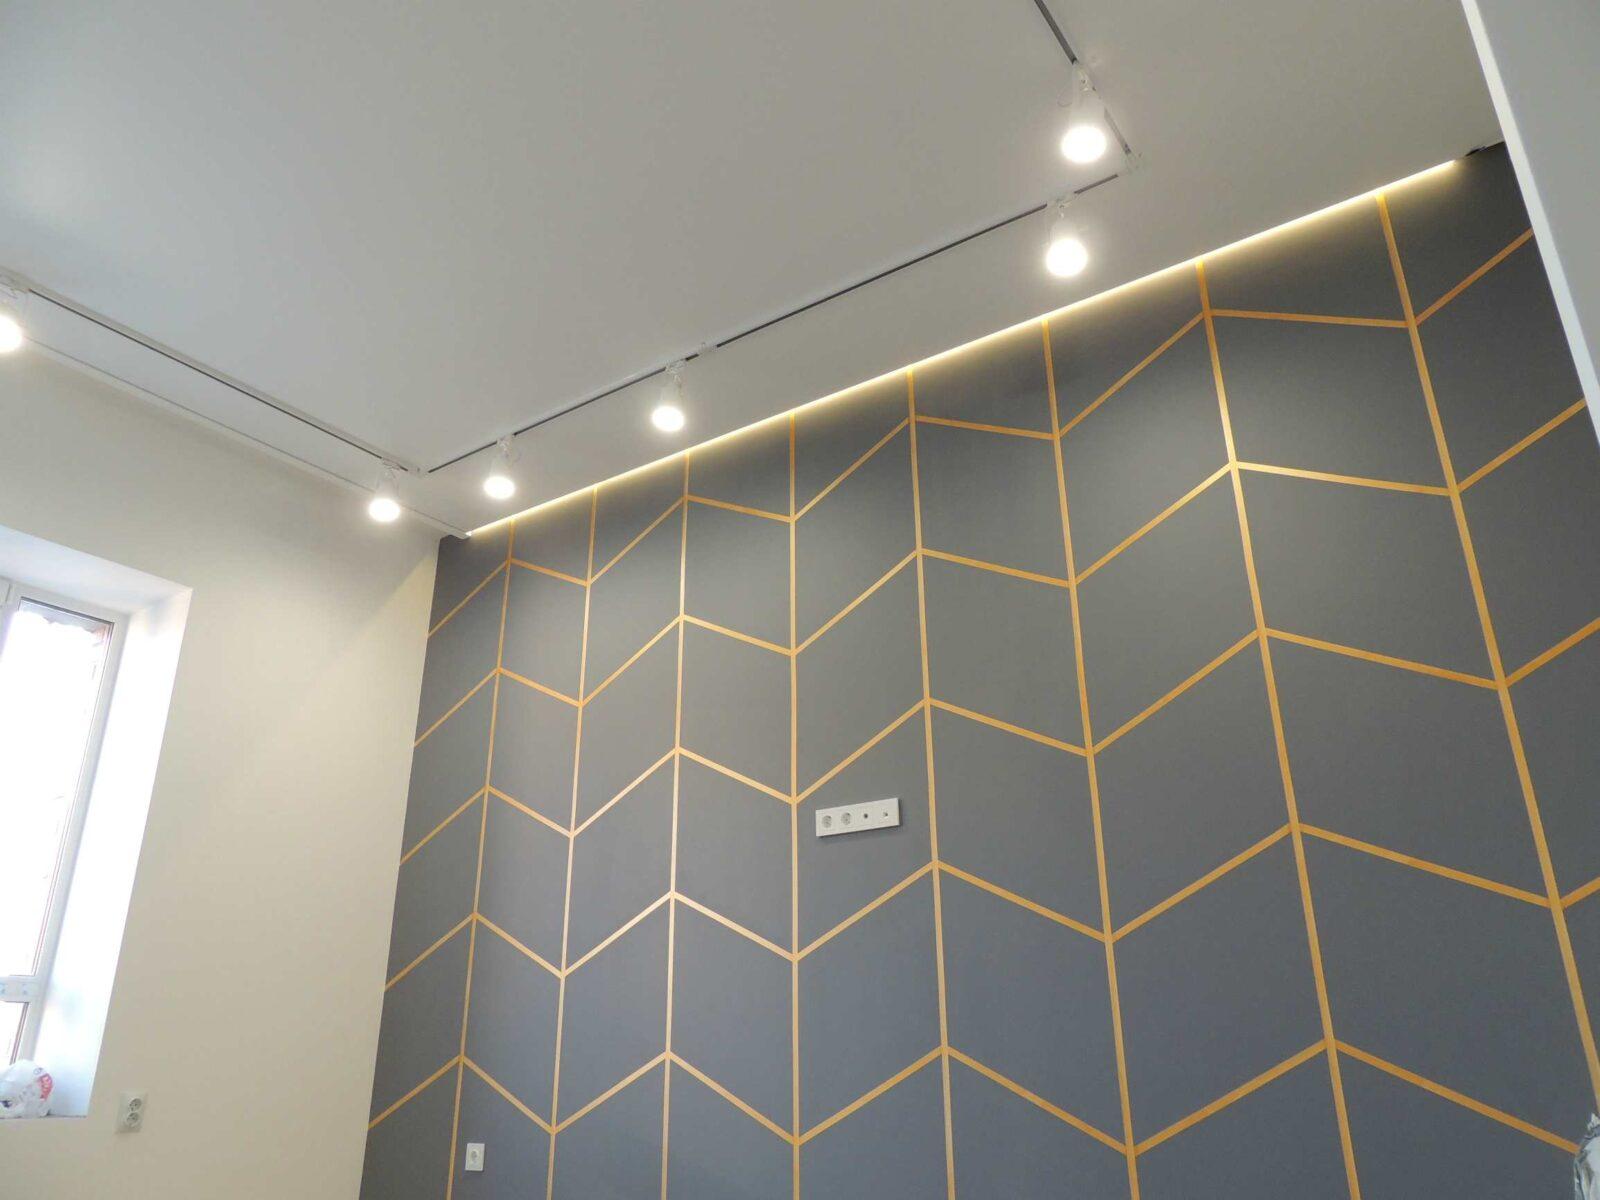 Декоративная стена с подсветкой в зале. Трековый светильник на потолке